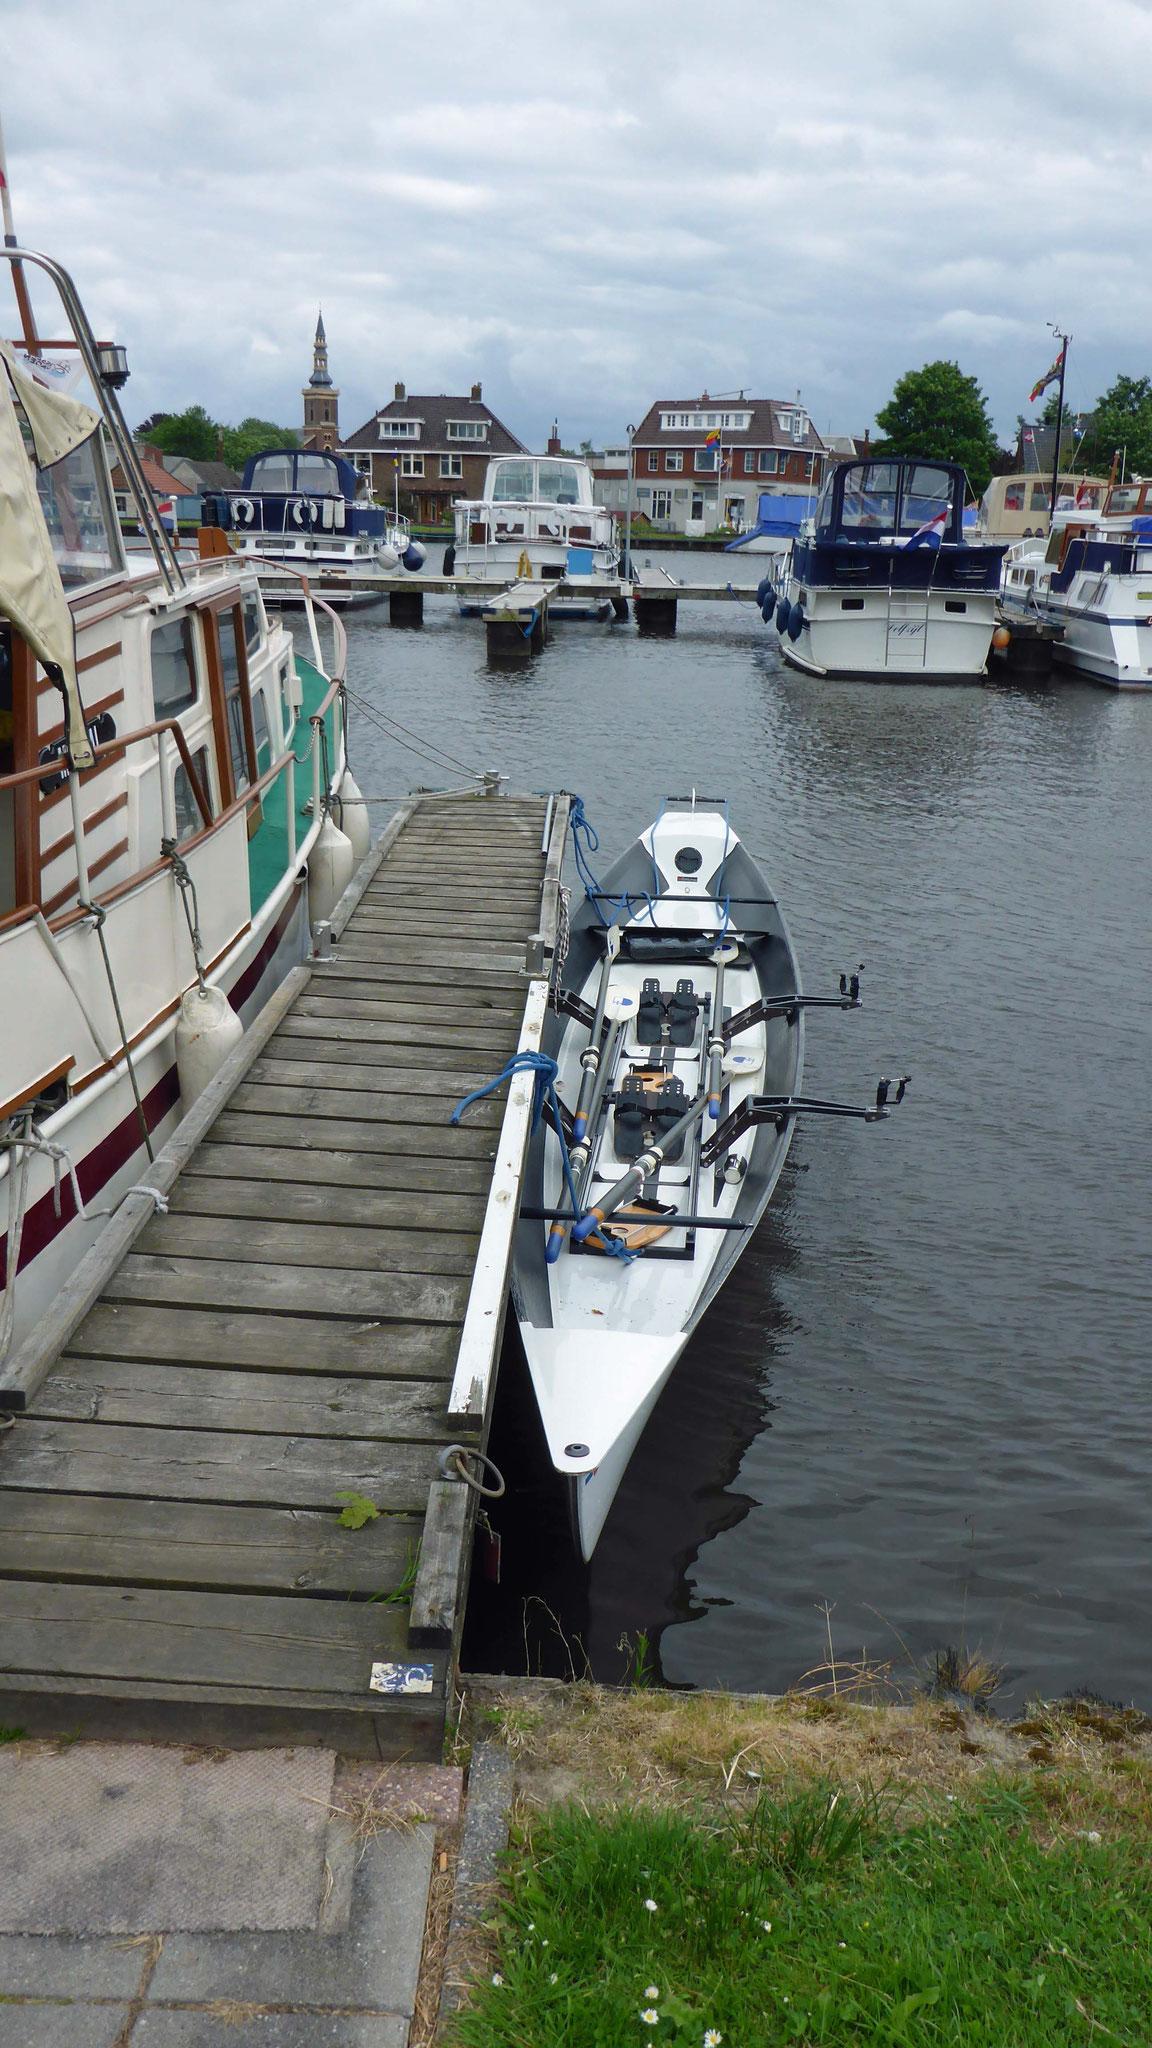 Josef vom RV Neptunus bringt uns im Yachthafen unter! Seine Frau fährt uns zum Bahnhof. Danke!!!